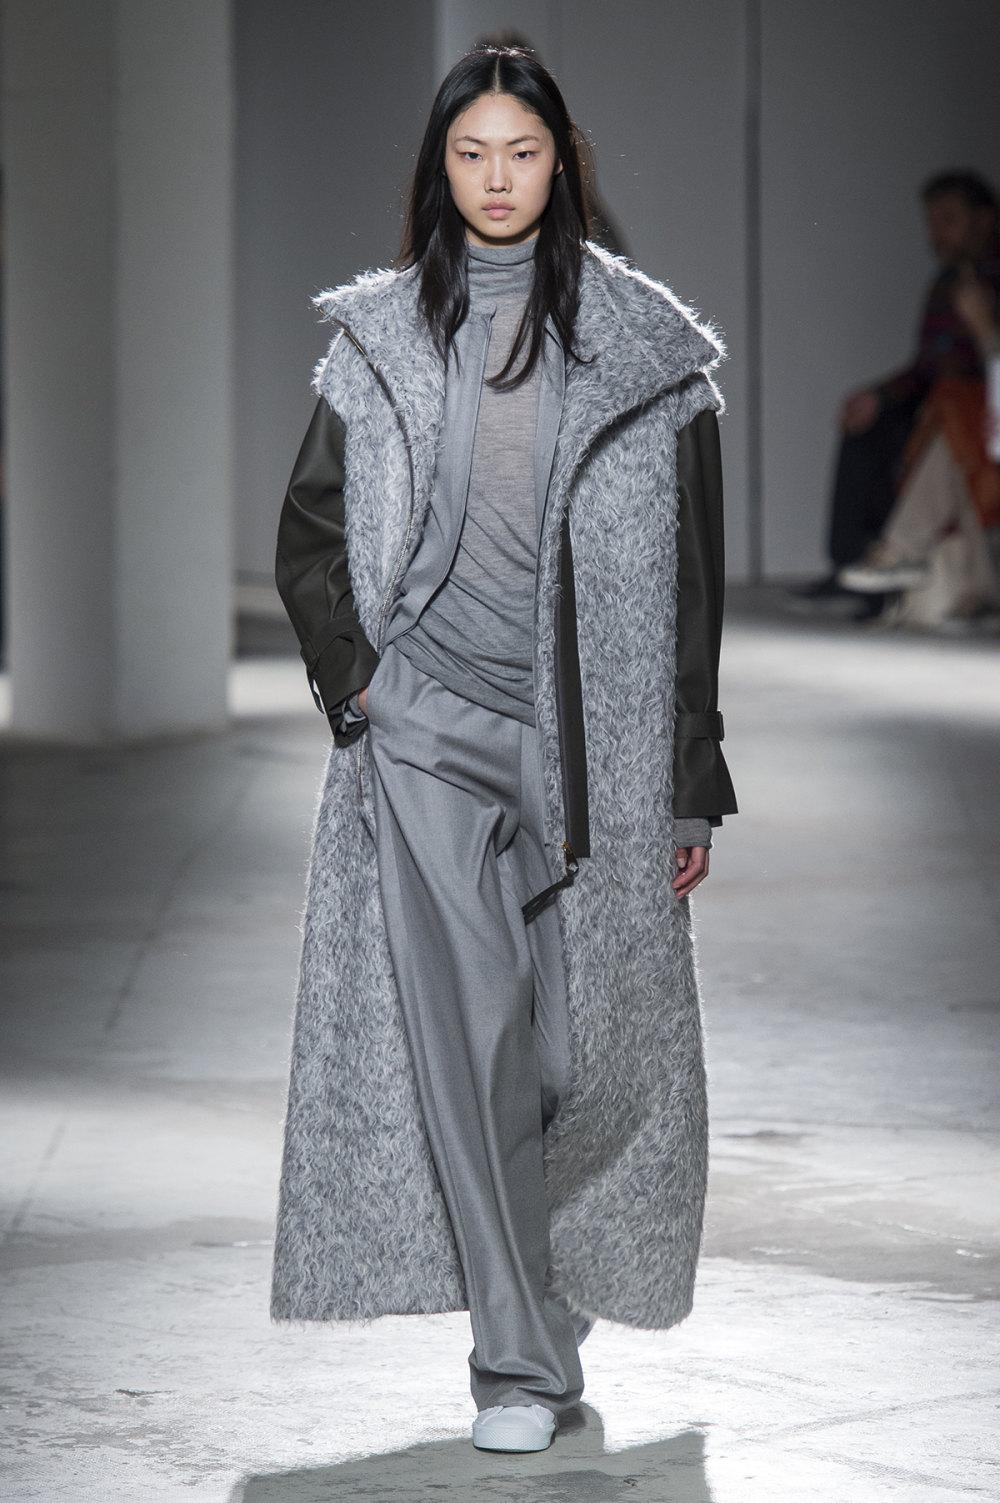 Agnona时装系列有纹理外套长而瘦有些穿着浴袍宽腿裤套装有巧克力-24.jpg